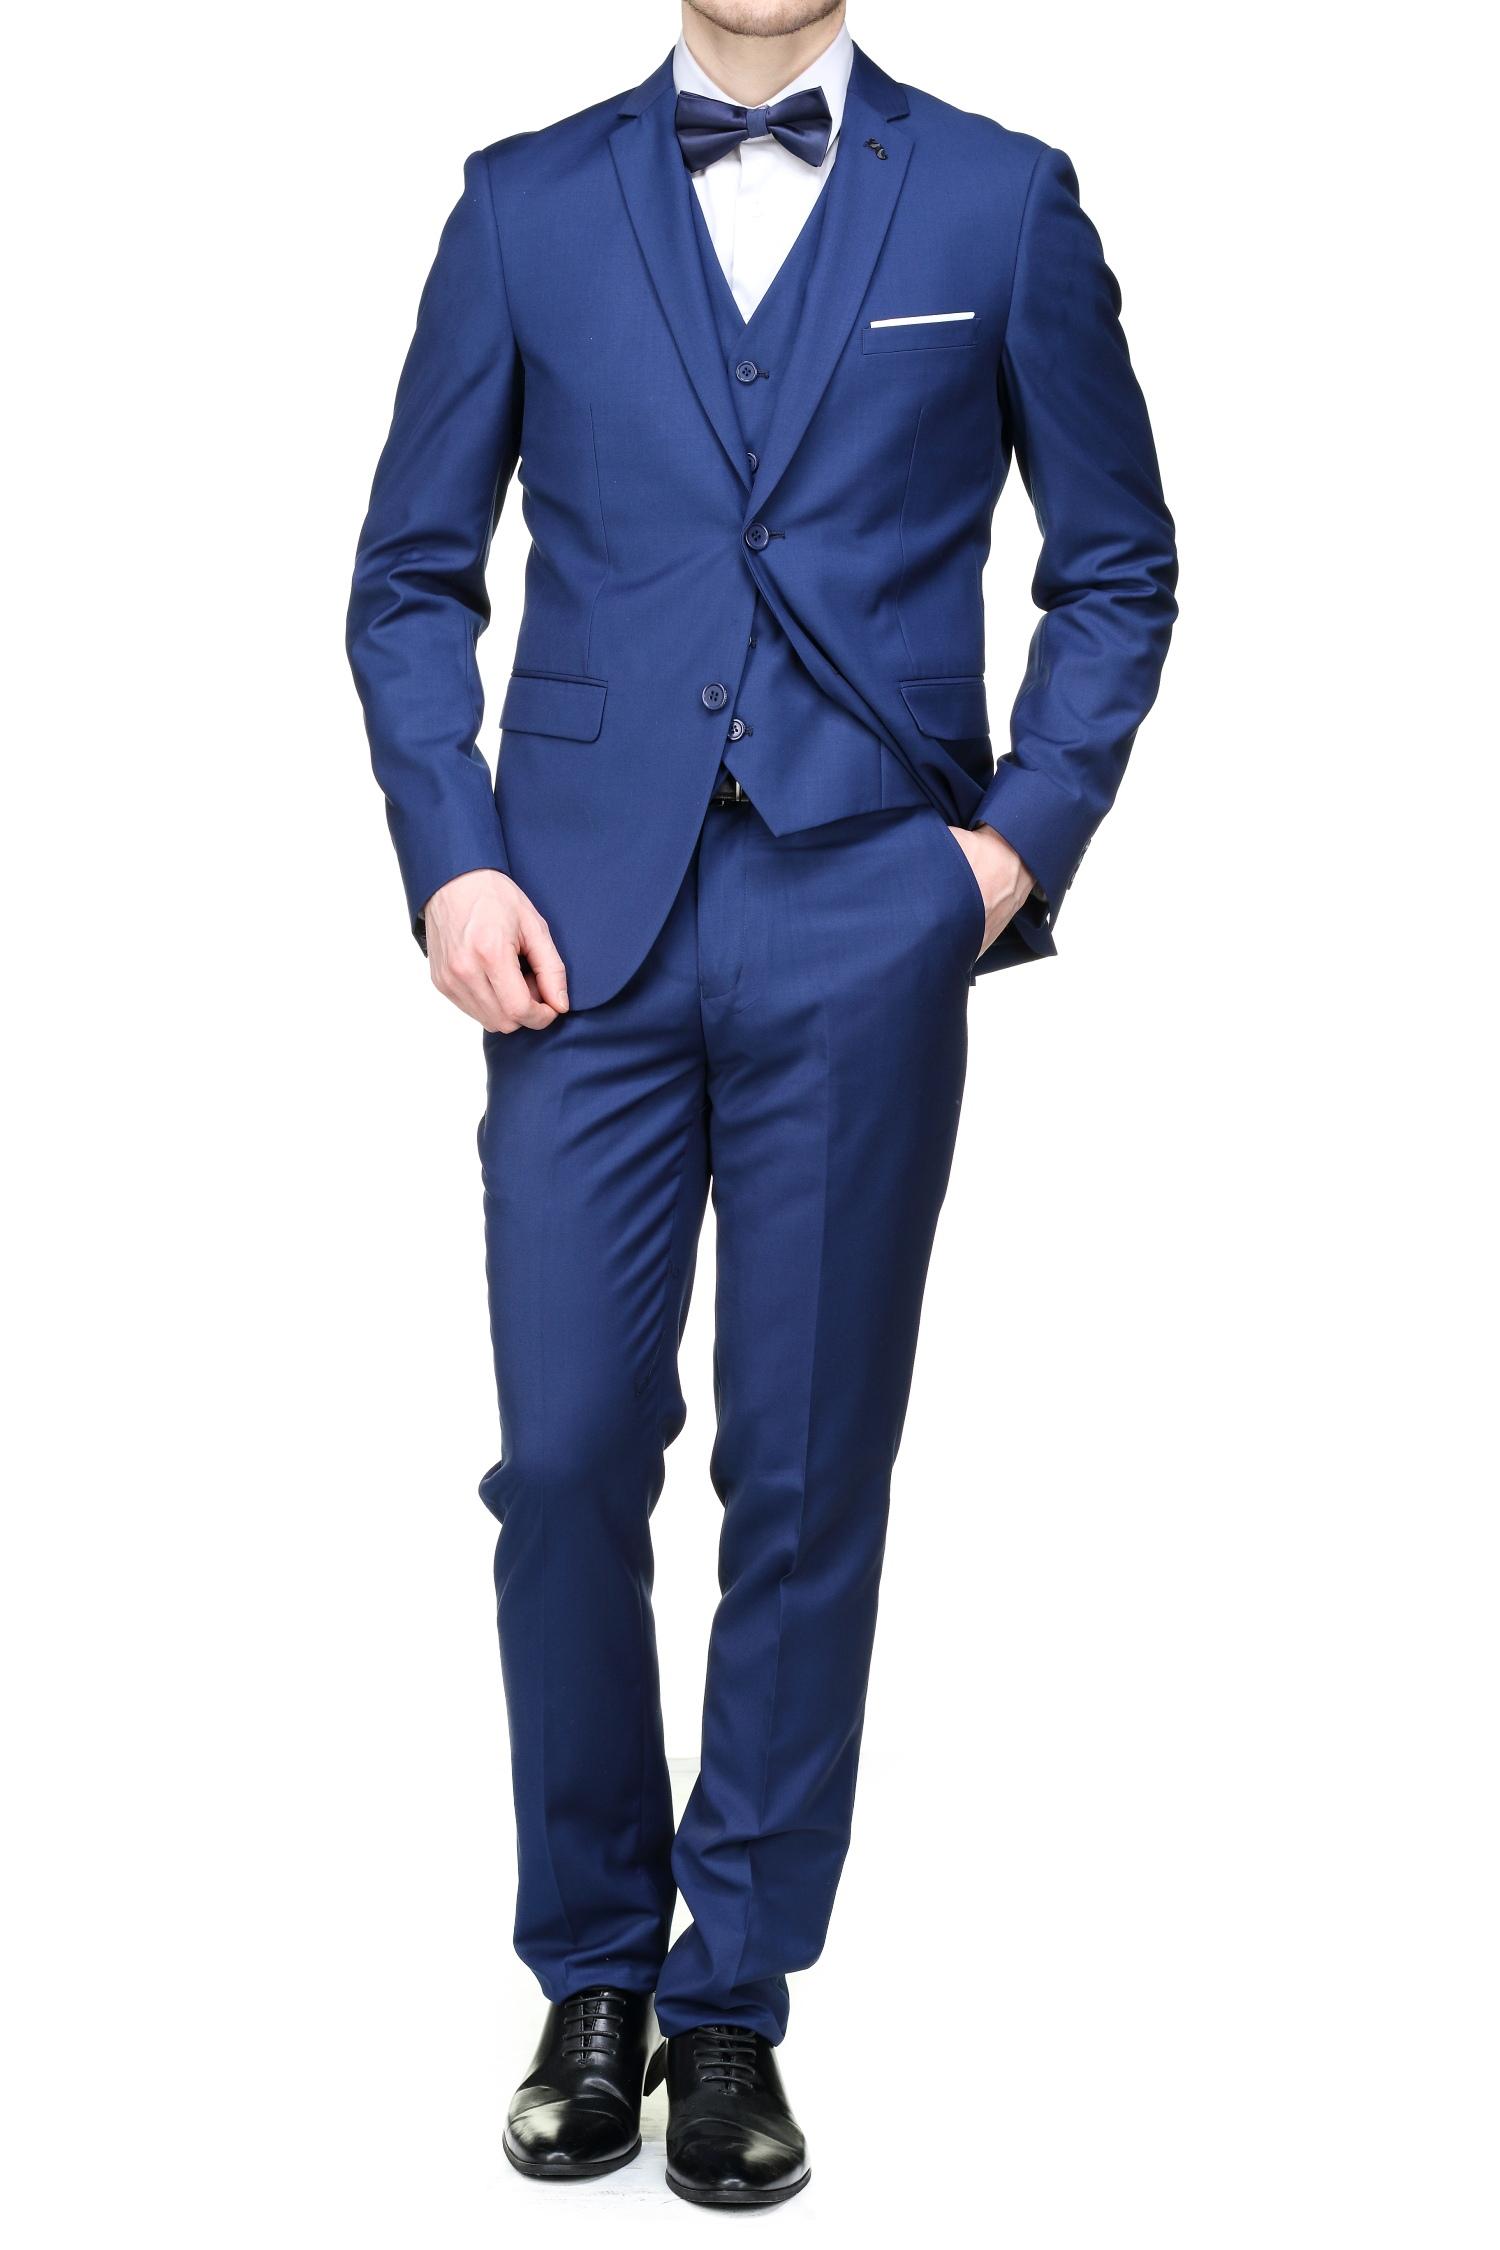 http://www.leadermode.com/170781/jean-louis-scherrer-sch054-juventus-ville-3p-royal-blue.jpg